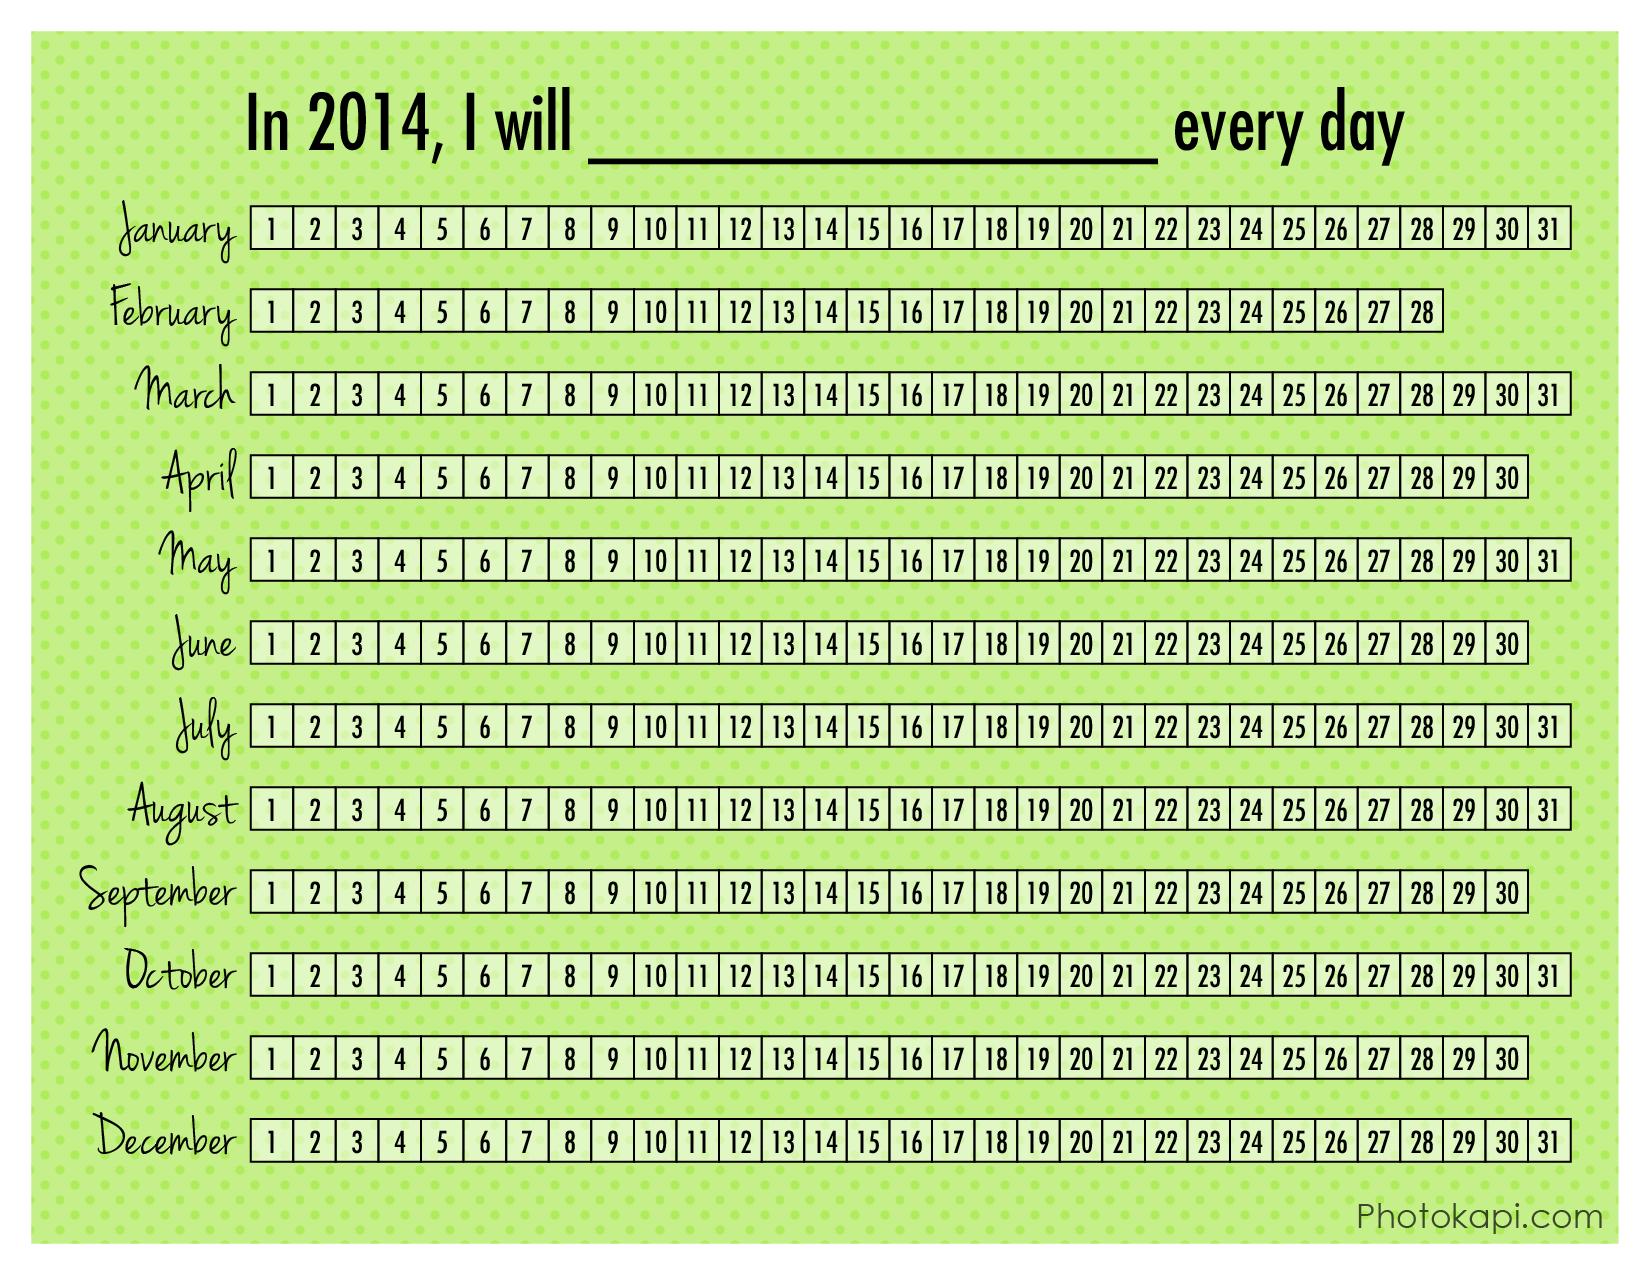 2014 Daily Goal Calendar